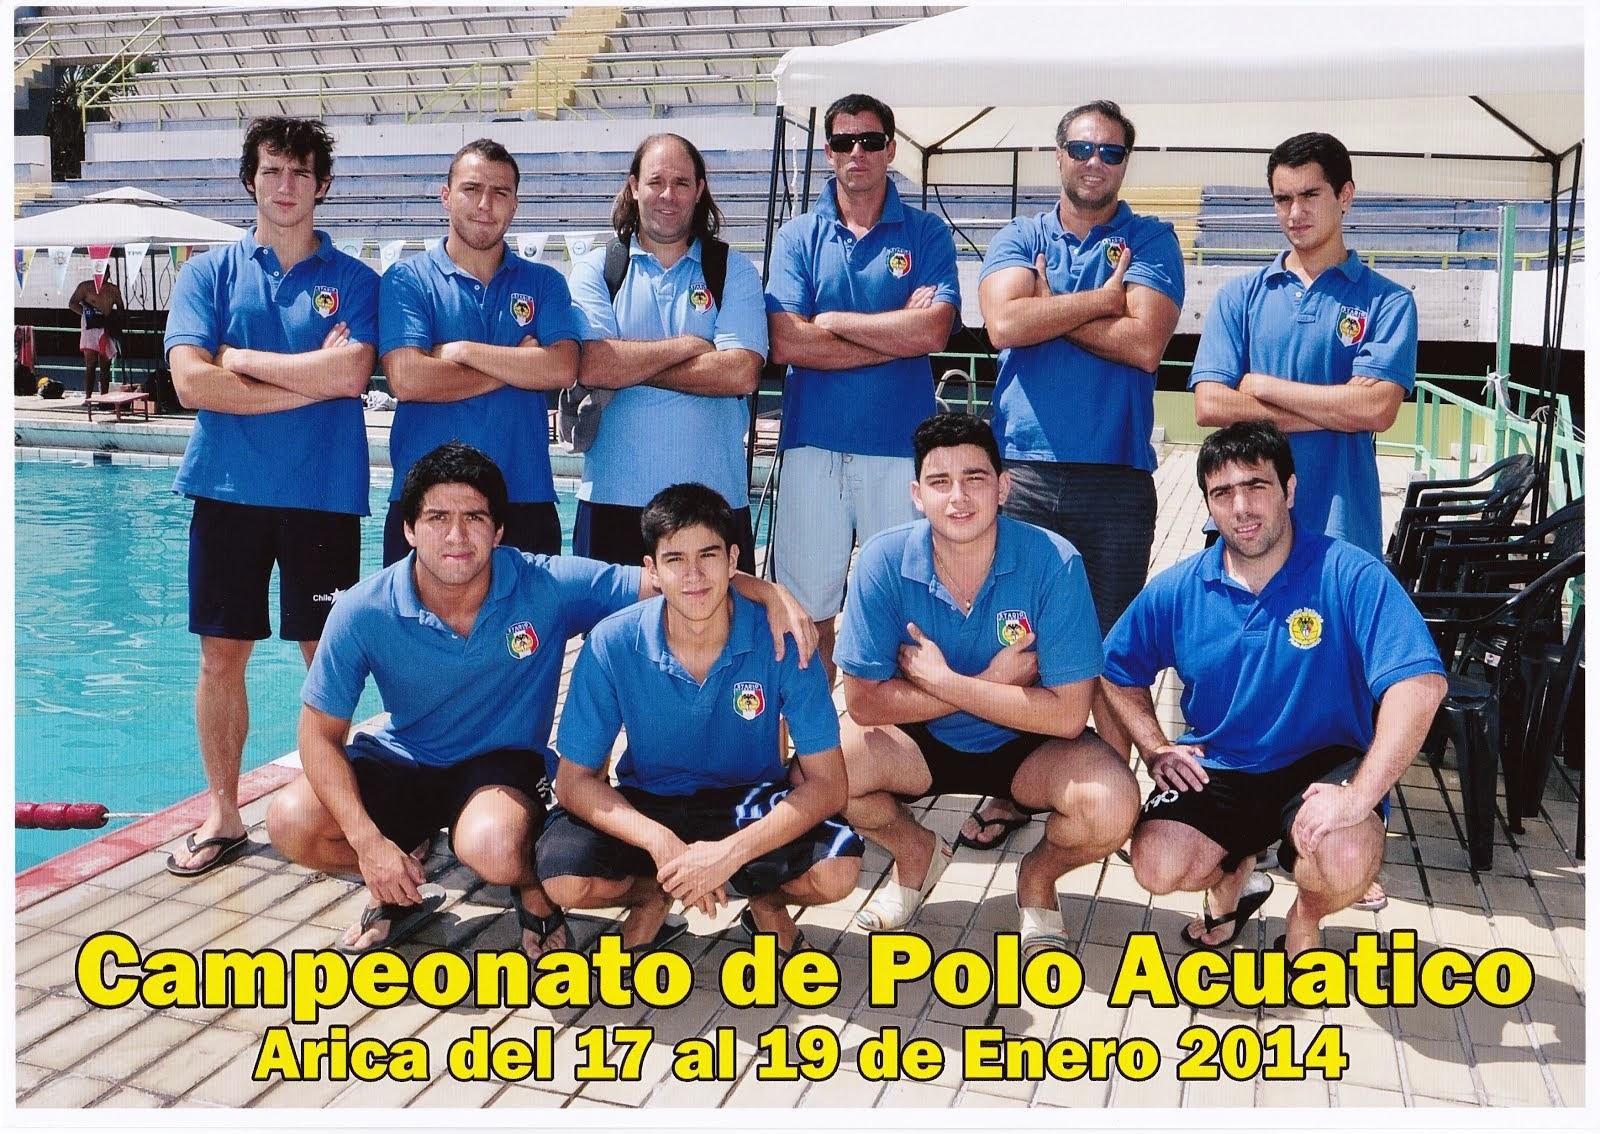 Arica 2014